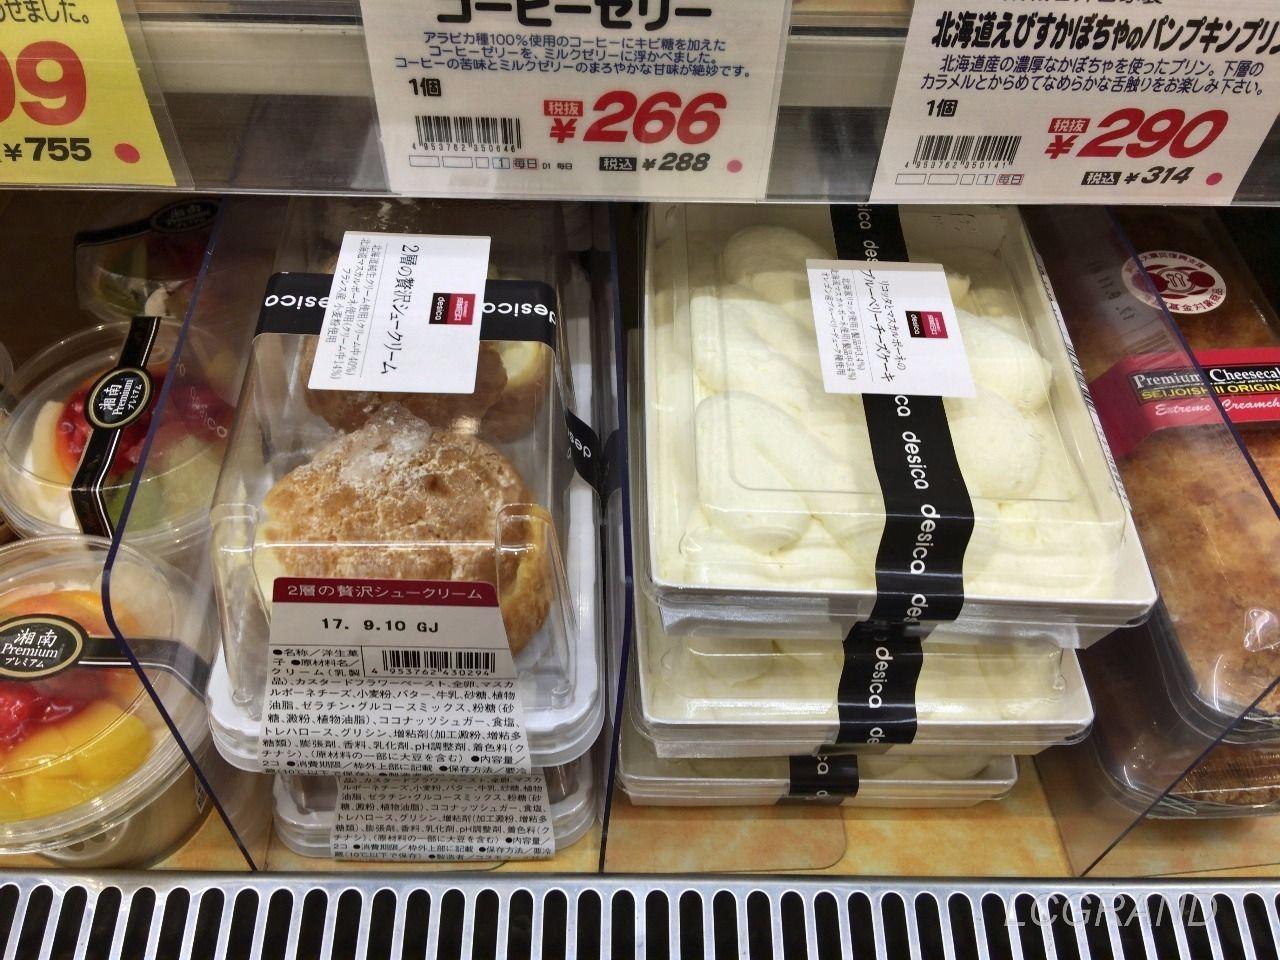 成城石井桜新町店の美味しそうなシュークリームとブルーベリーチーズケーキ